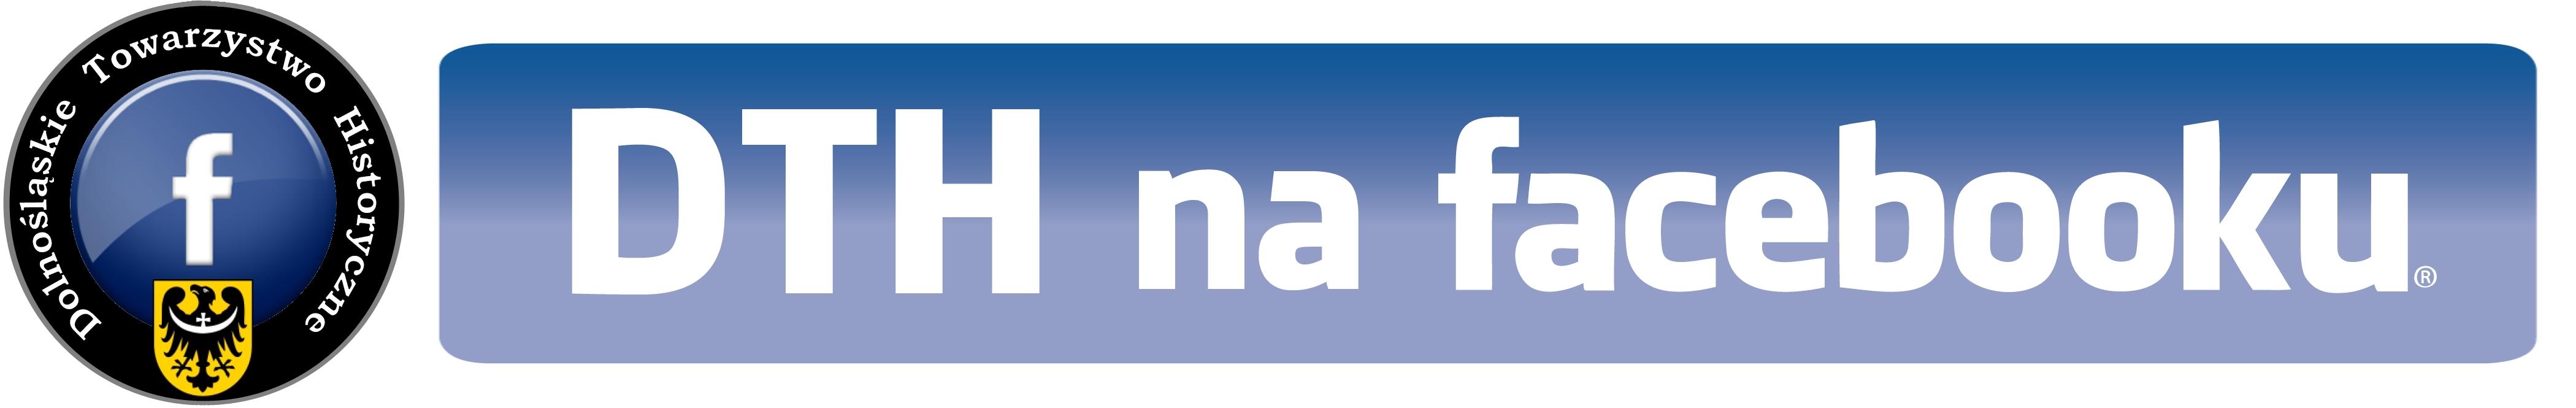 DTH facebook big